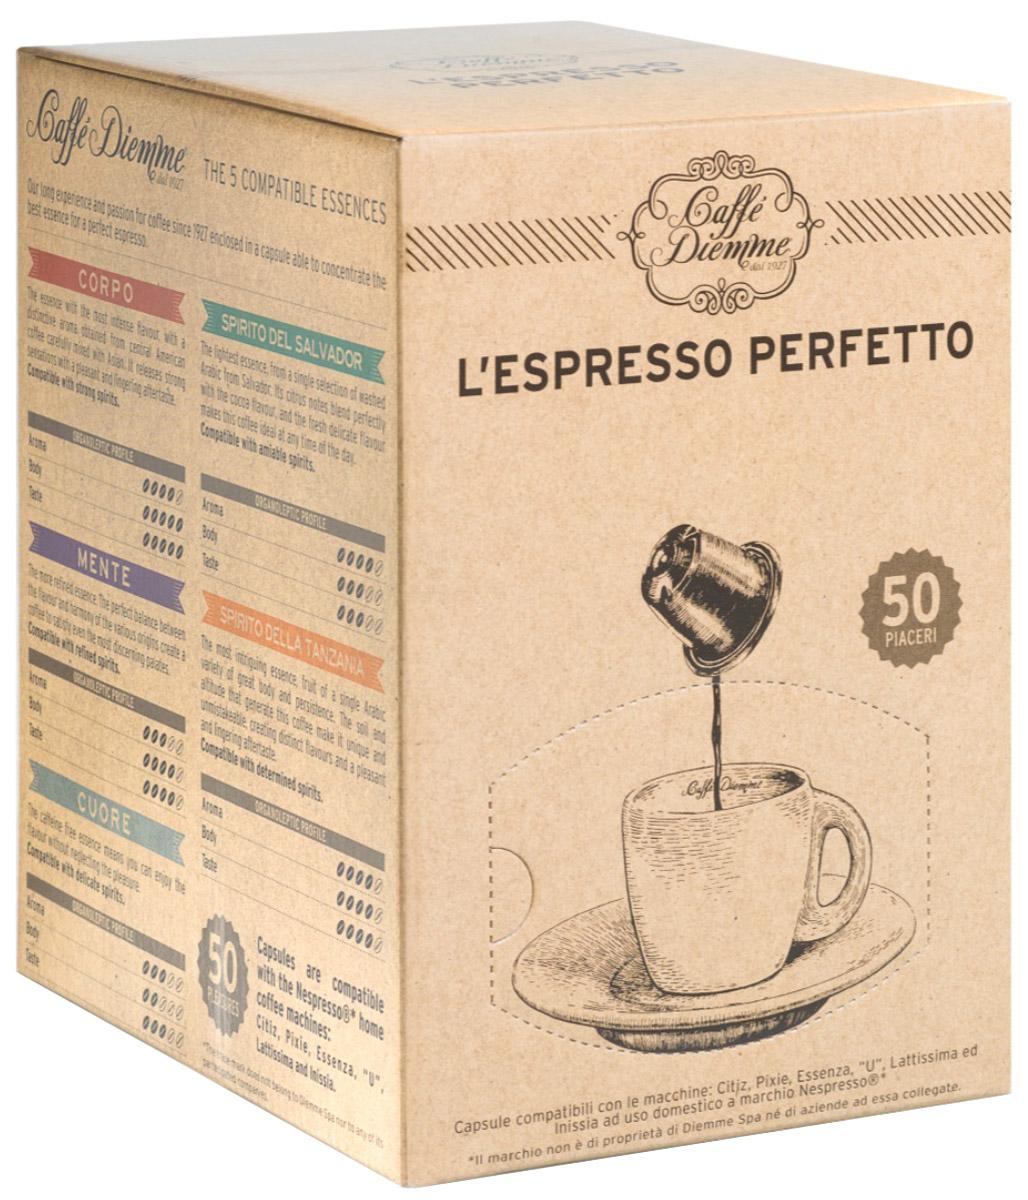 Diemme Caffe Cuore кофе в капсулах, 50 шт476762Аромат Diemme Caffe Cuore, не содержащий кофеина, позволяет не отказываться от богатой палитры аромата натурального кофе, и приносимого им удовольствия. Этот аромат предназначен для деликатных особ.Уважаемые клиенты! Обращаем ваше внимание на то, что упаковка может иметь несколько видов дизайна. Поставка осуществляется в зависимости от наличия на складе.